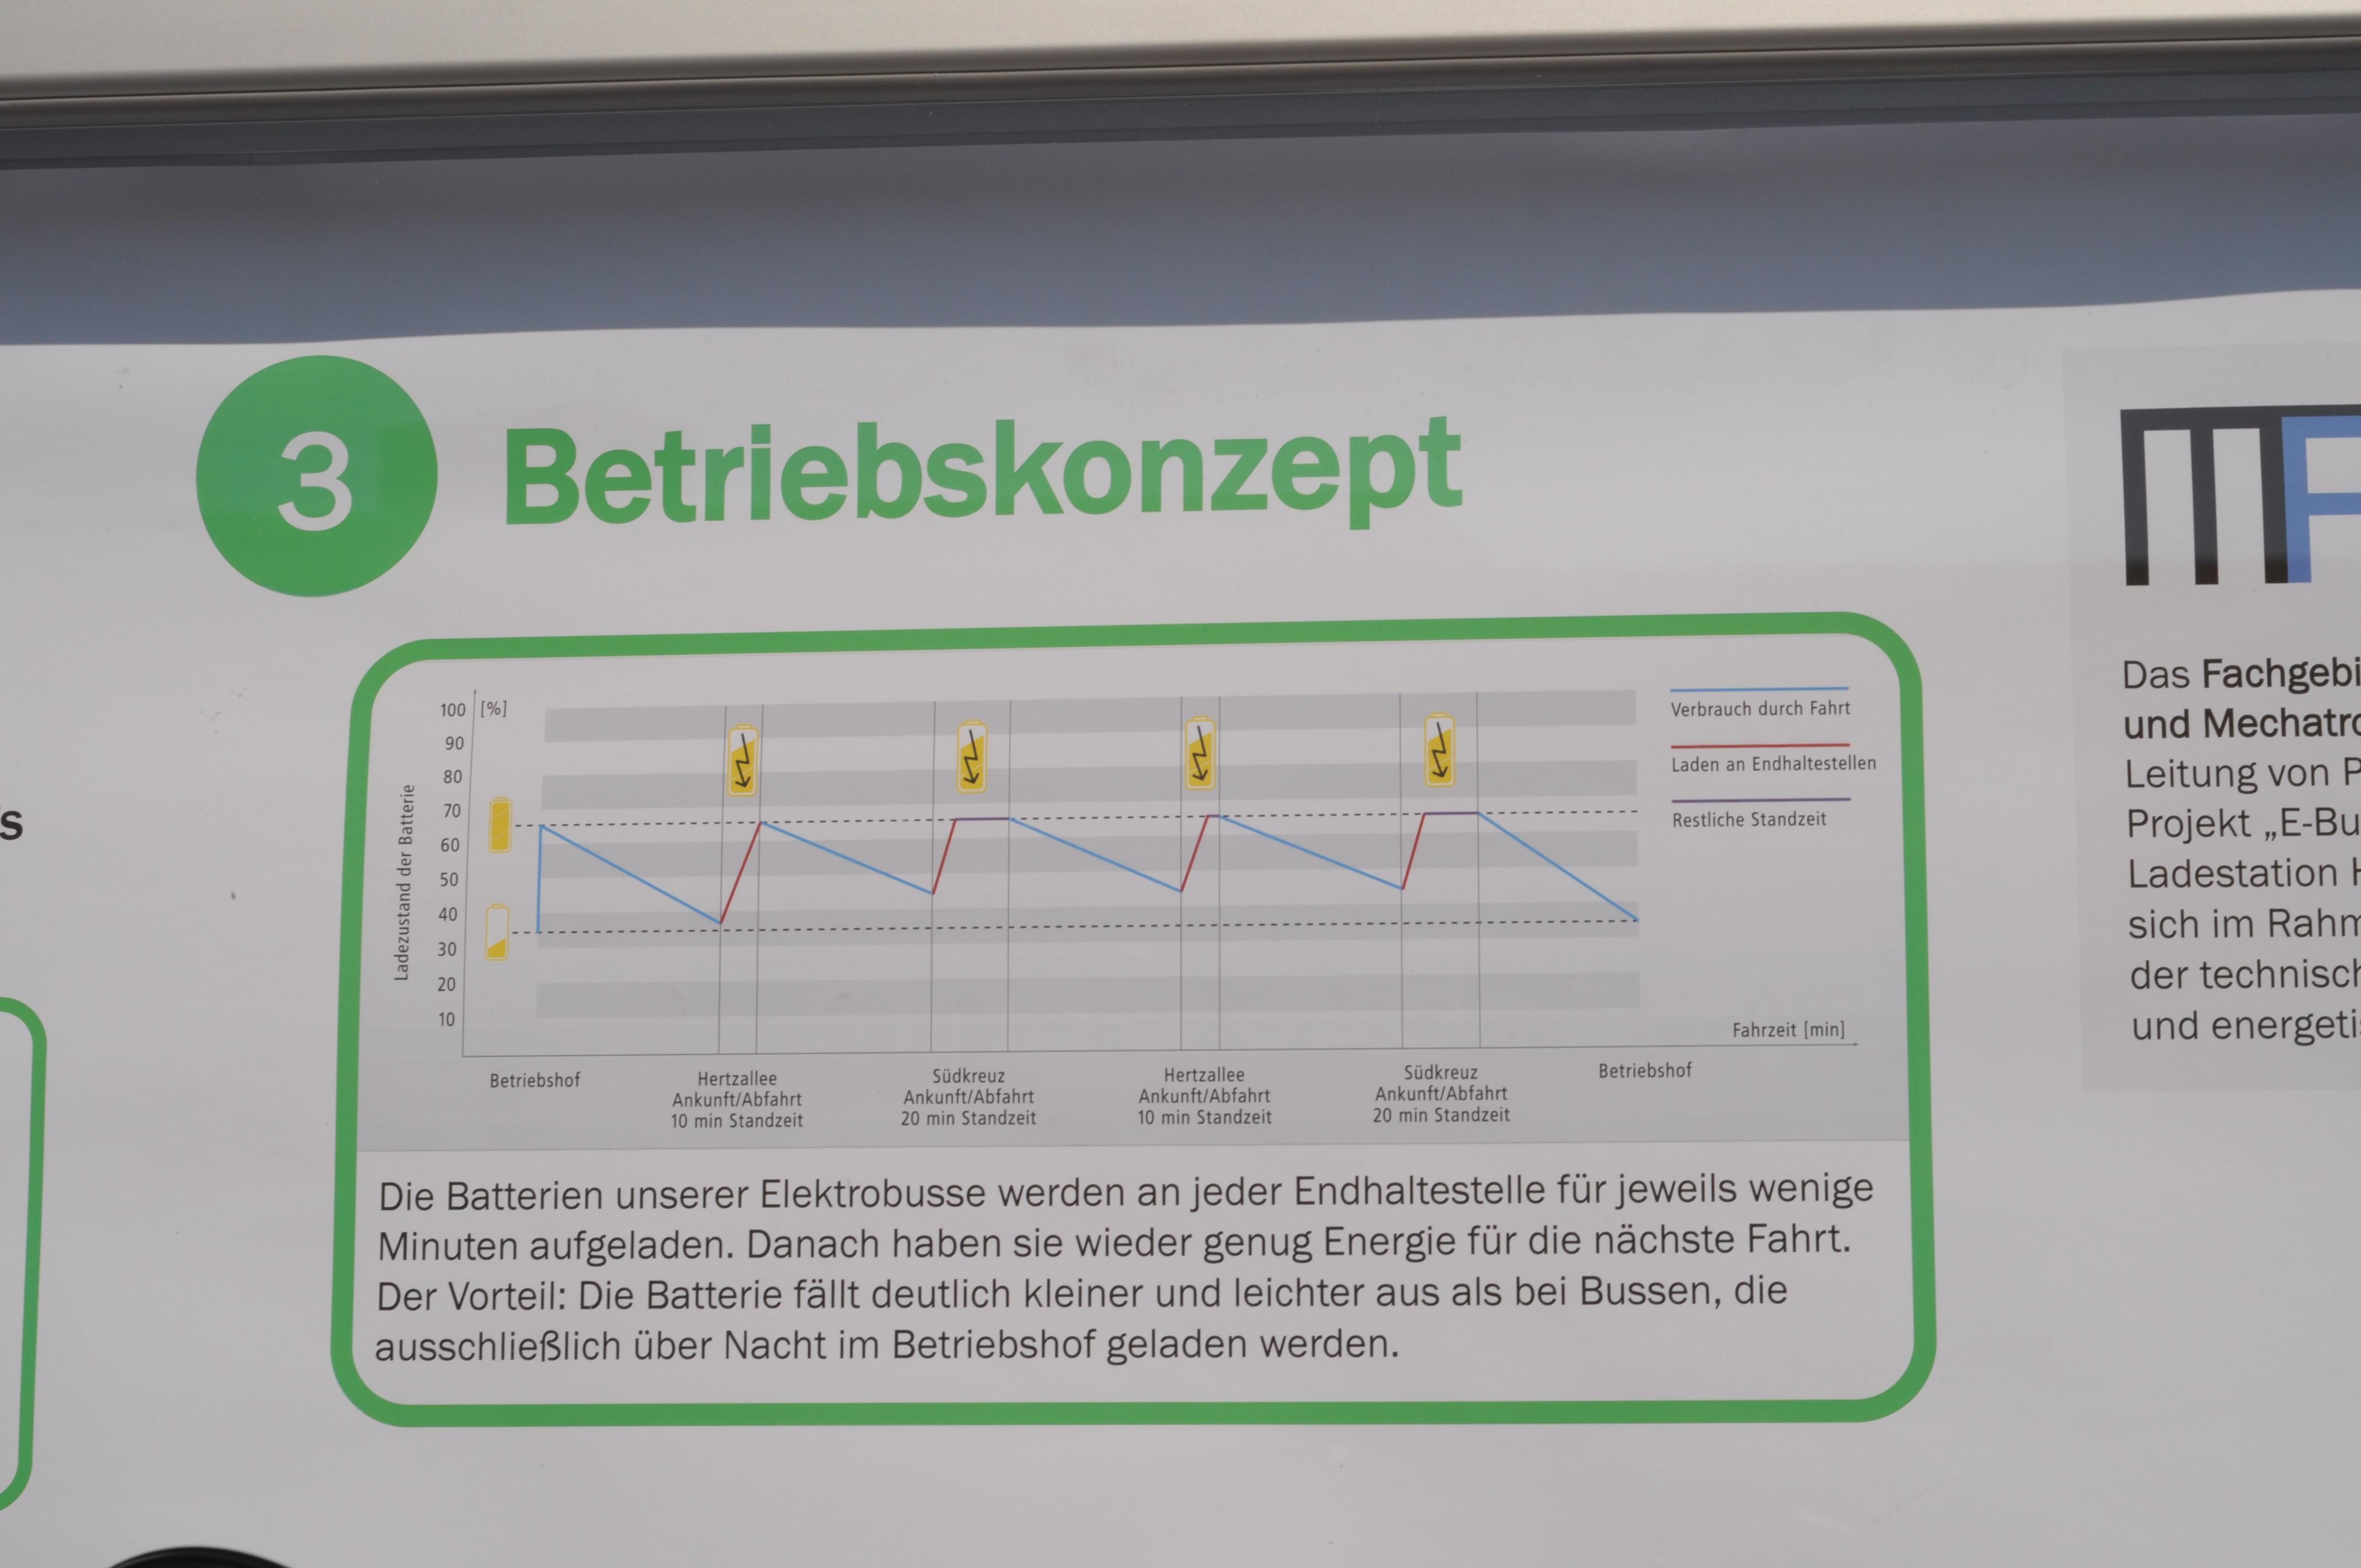 Nahverkehr: Hamburg und Berlin kaufen gemeinsam saubere Busse - ... mit einer Grafik zur Veranschaulichung des Elektrokonzepts. (Foto: Andreas Sebayang/Golem.de)